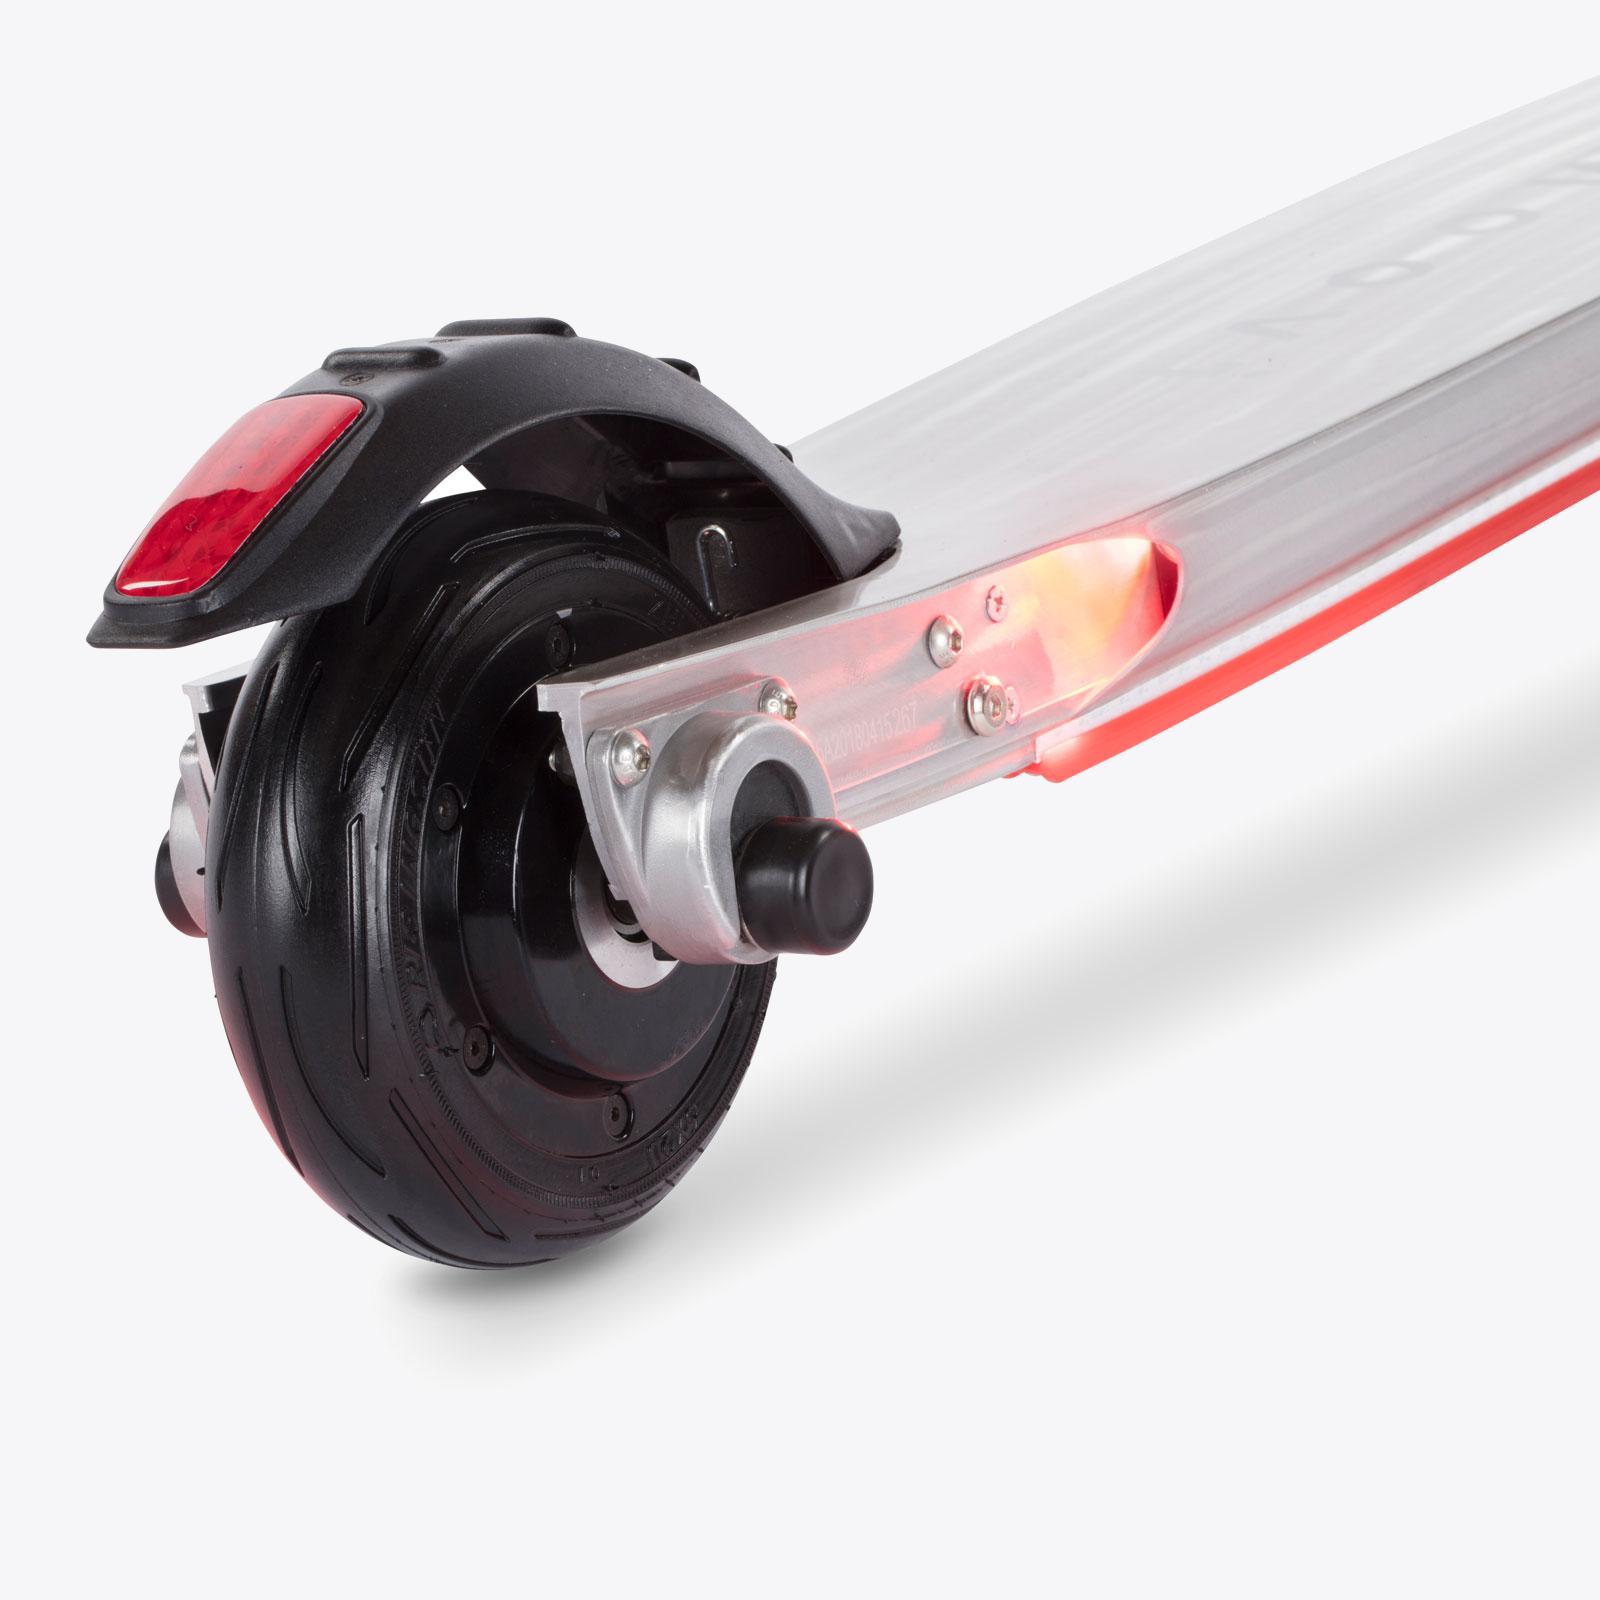 moovi-escooter-silber-led-ruecklicht